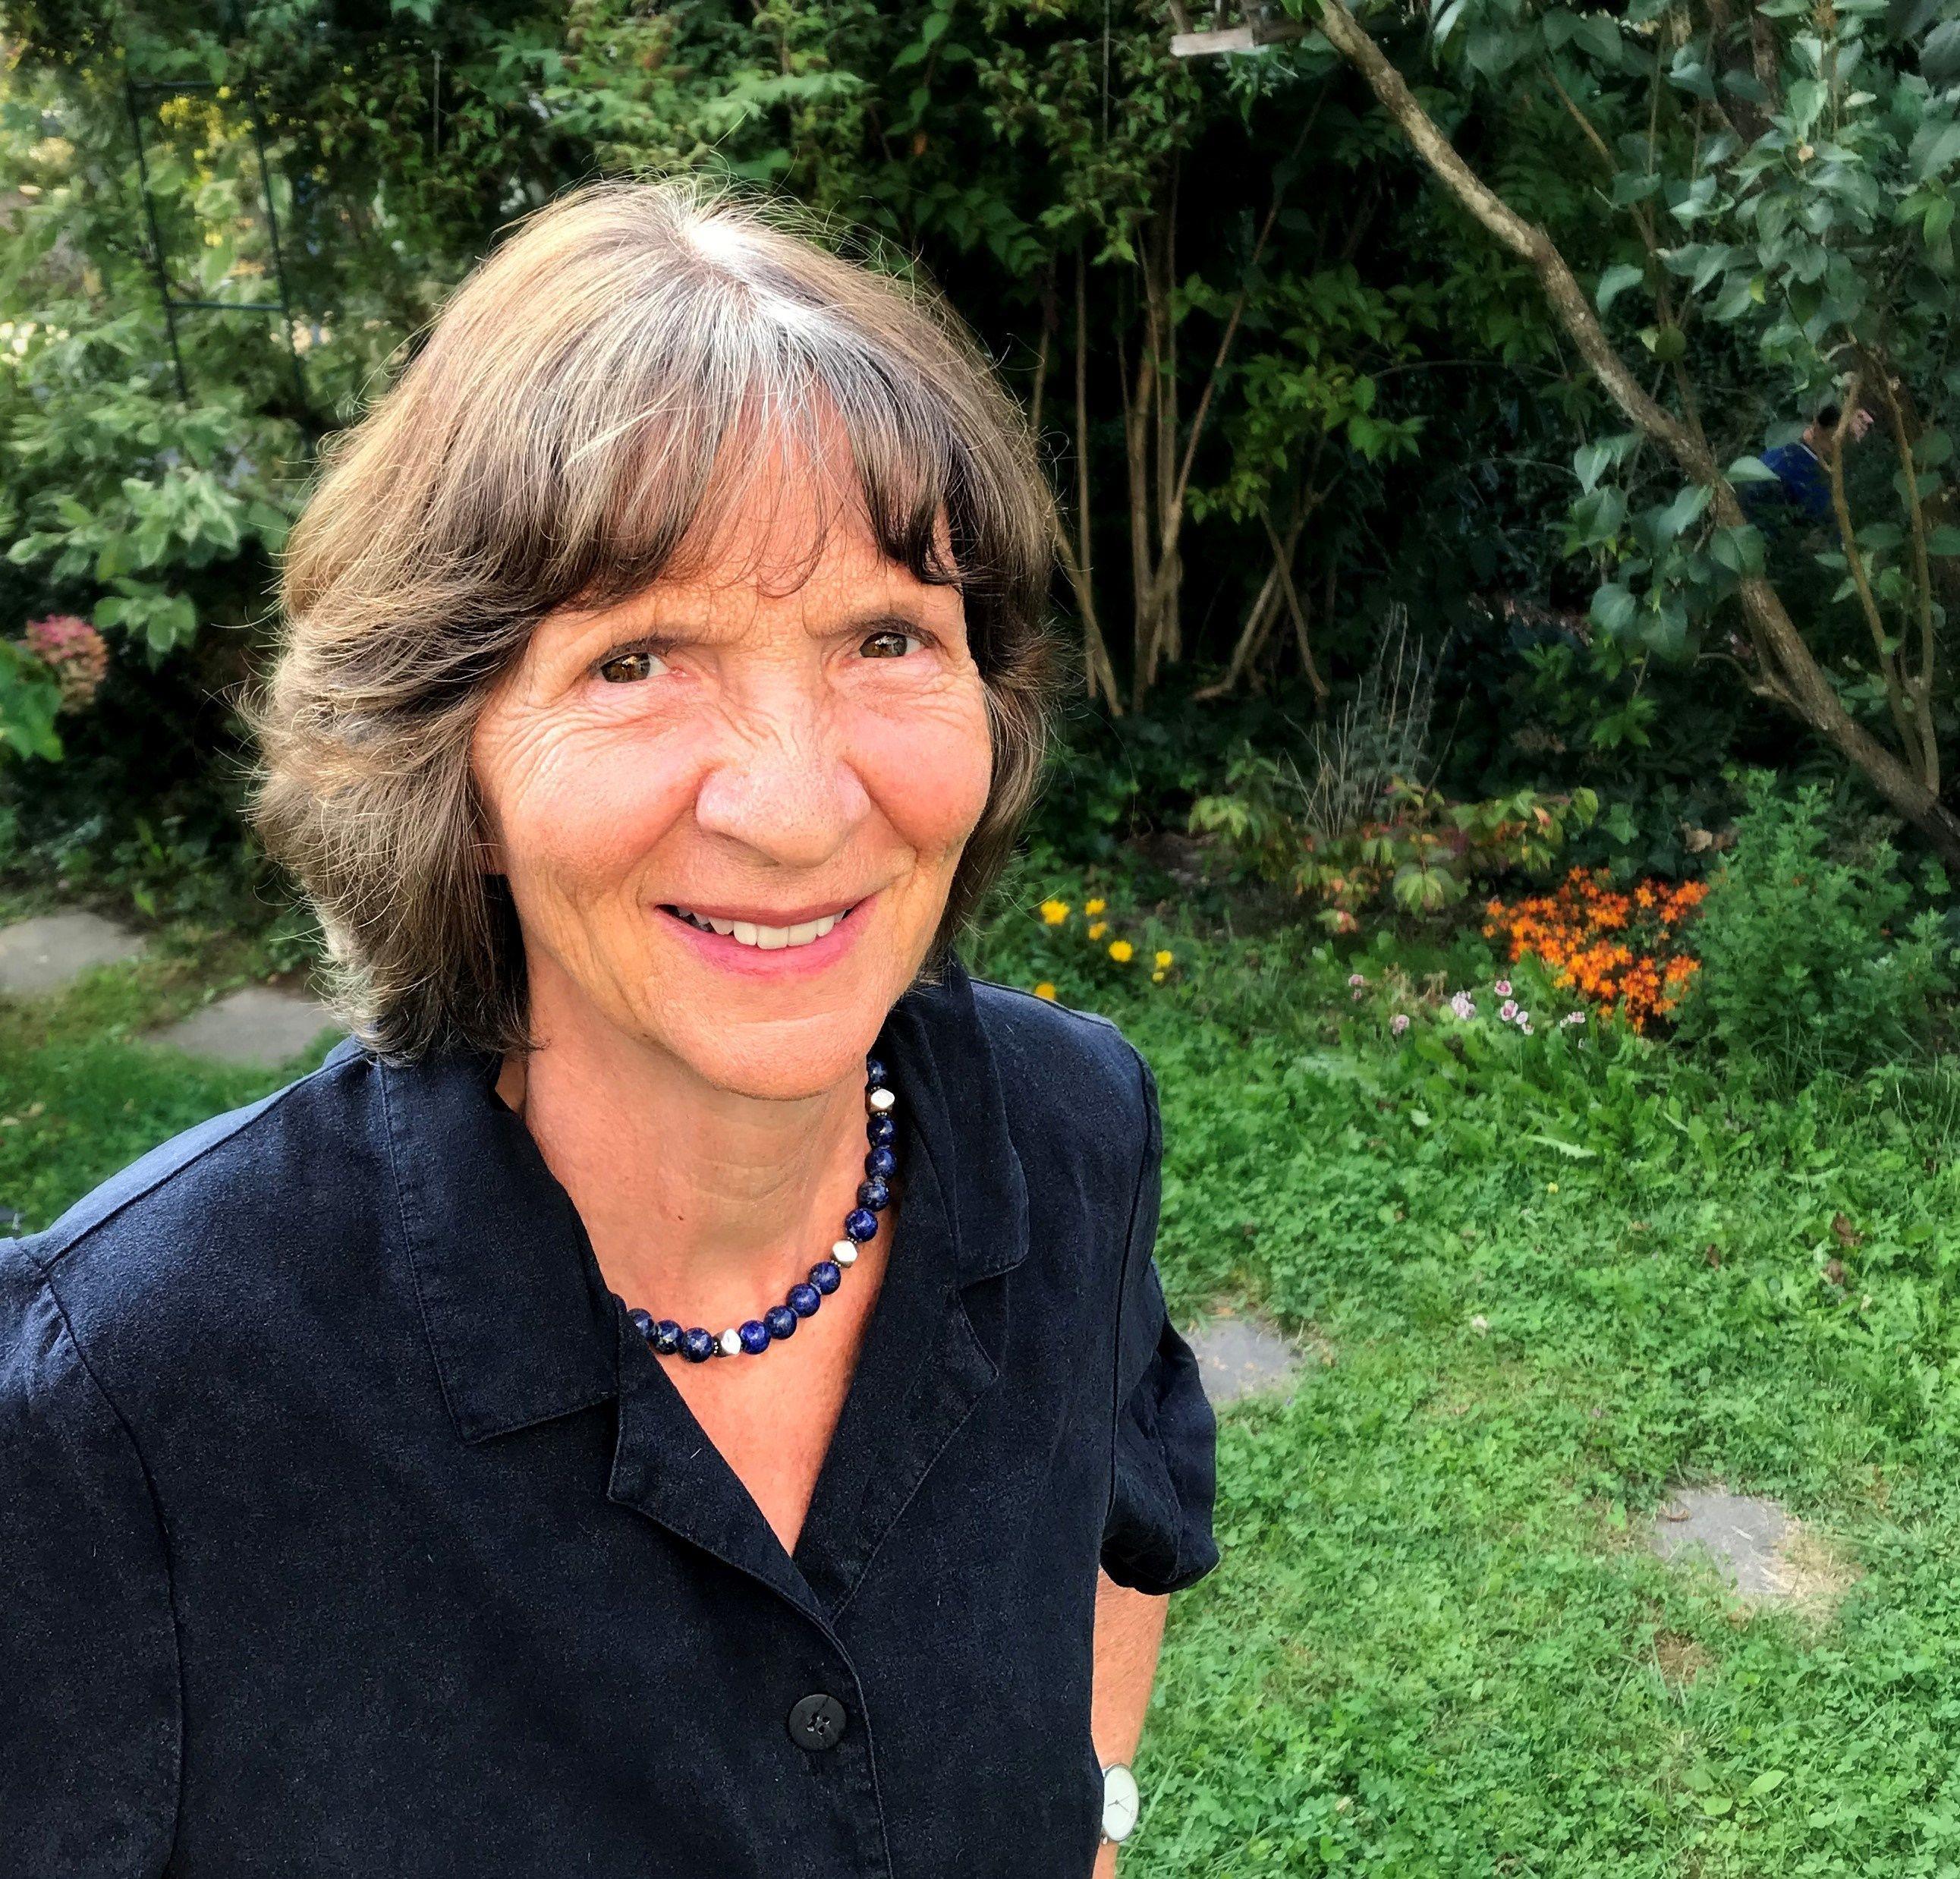 Aleida Assmann (Foto: Valerie Assmann)